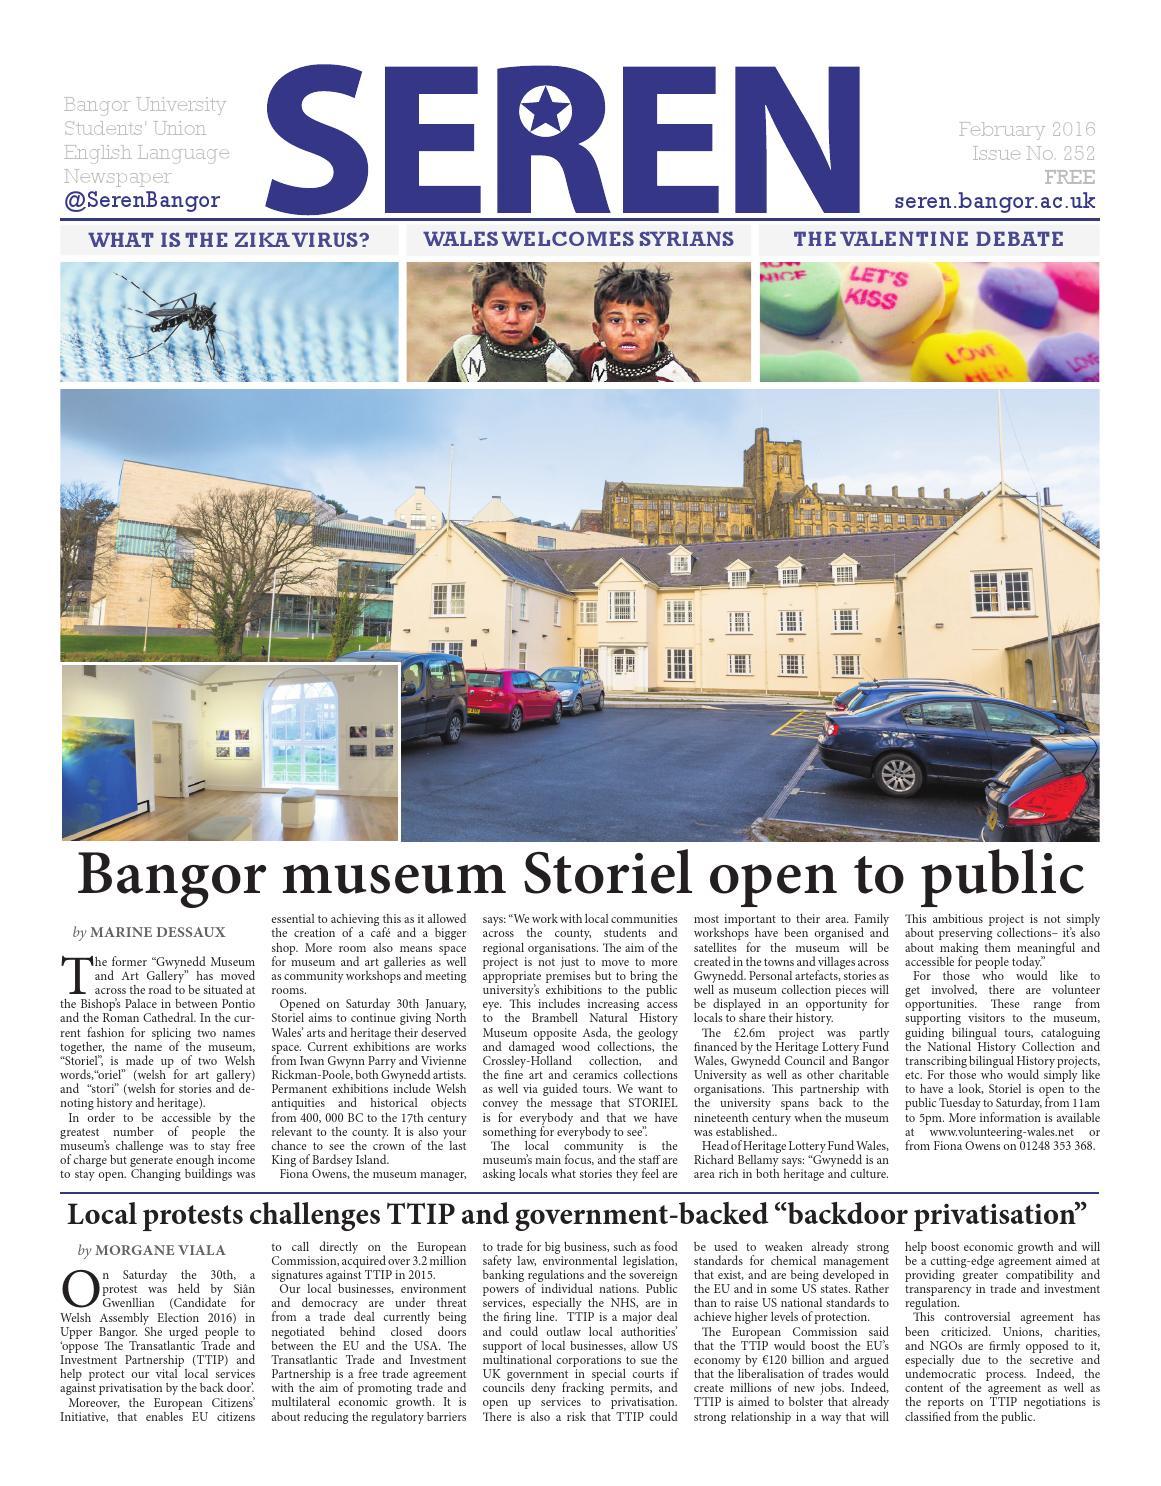 Seren - 252 - 2015/16 - February Issue by Seren - issuu